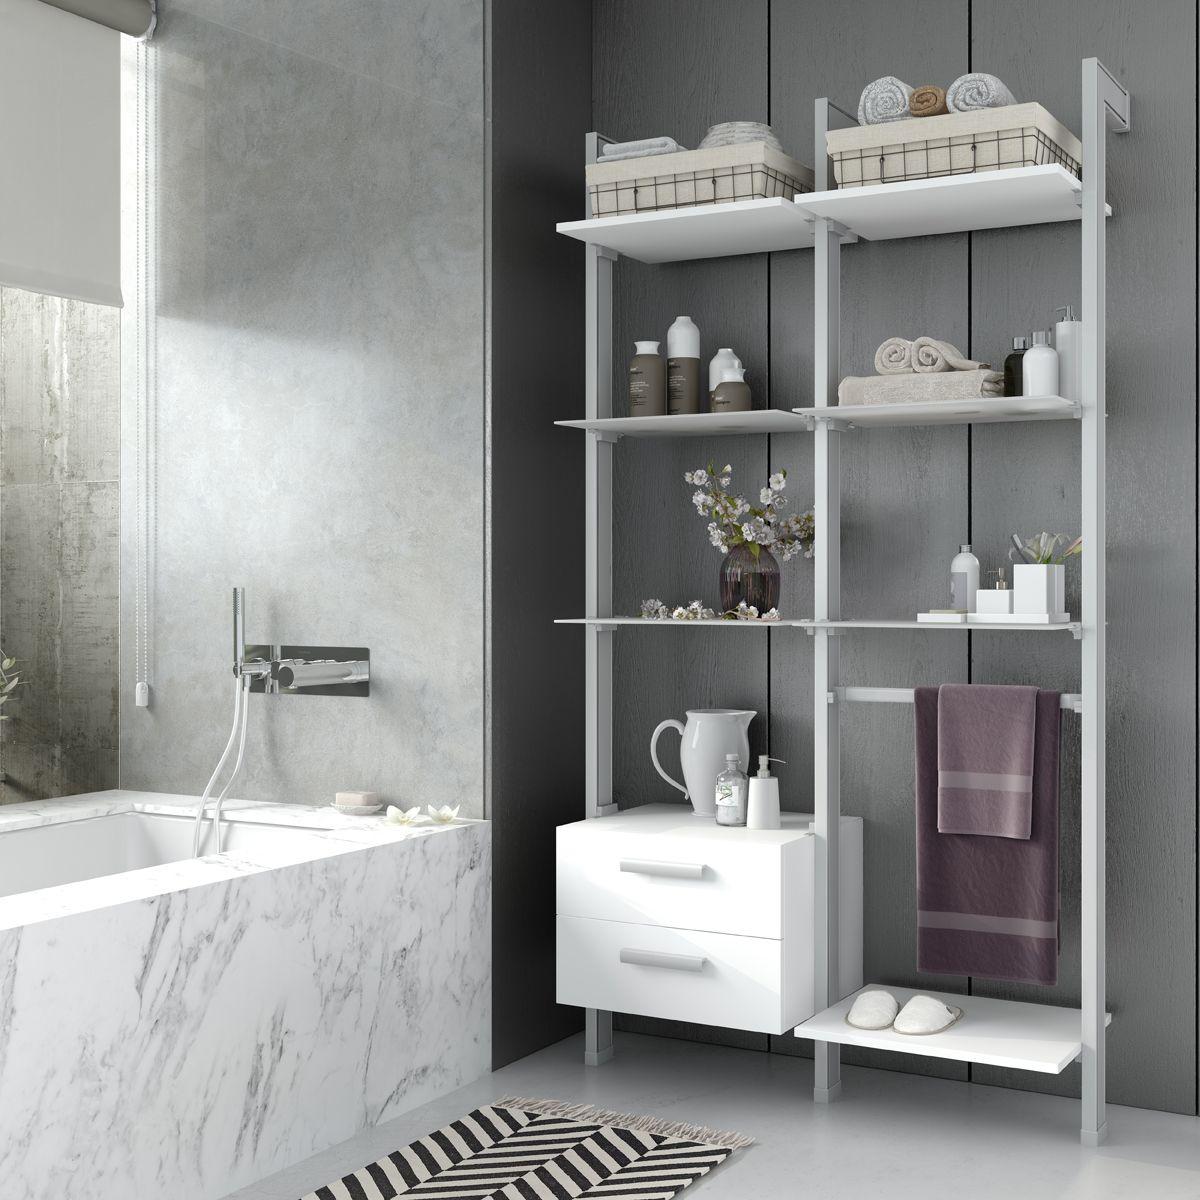 7 proyectos de bricolaje para tu cuarto de baño | Diseño ...